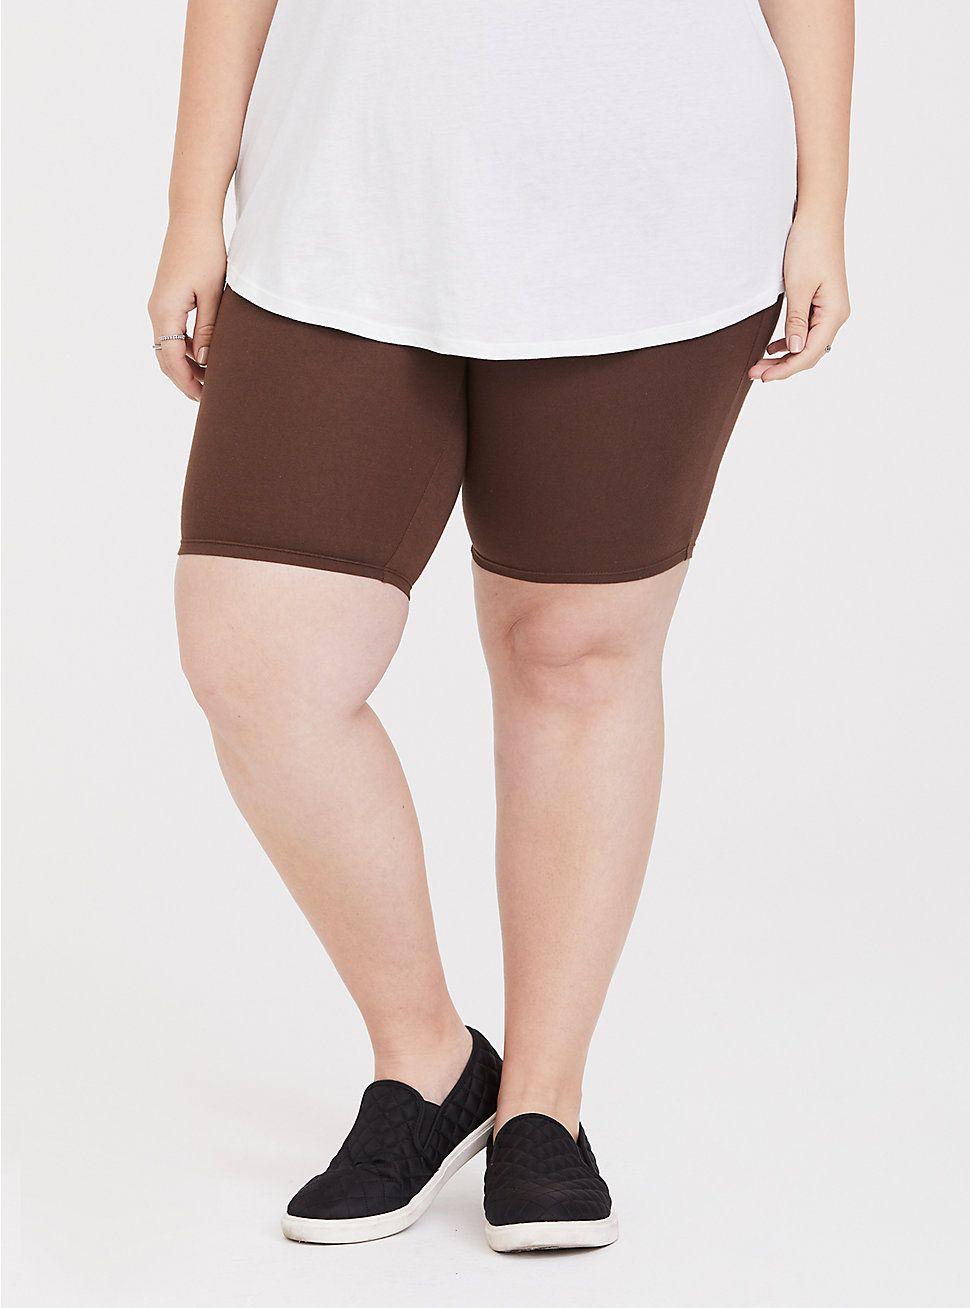 Chestnut Bike Short Gym shorts womens, Plus size shorts